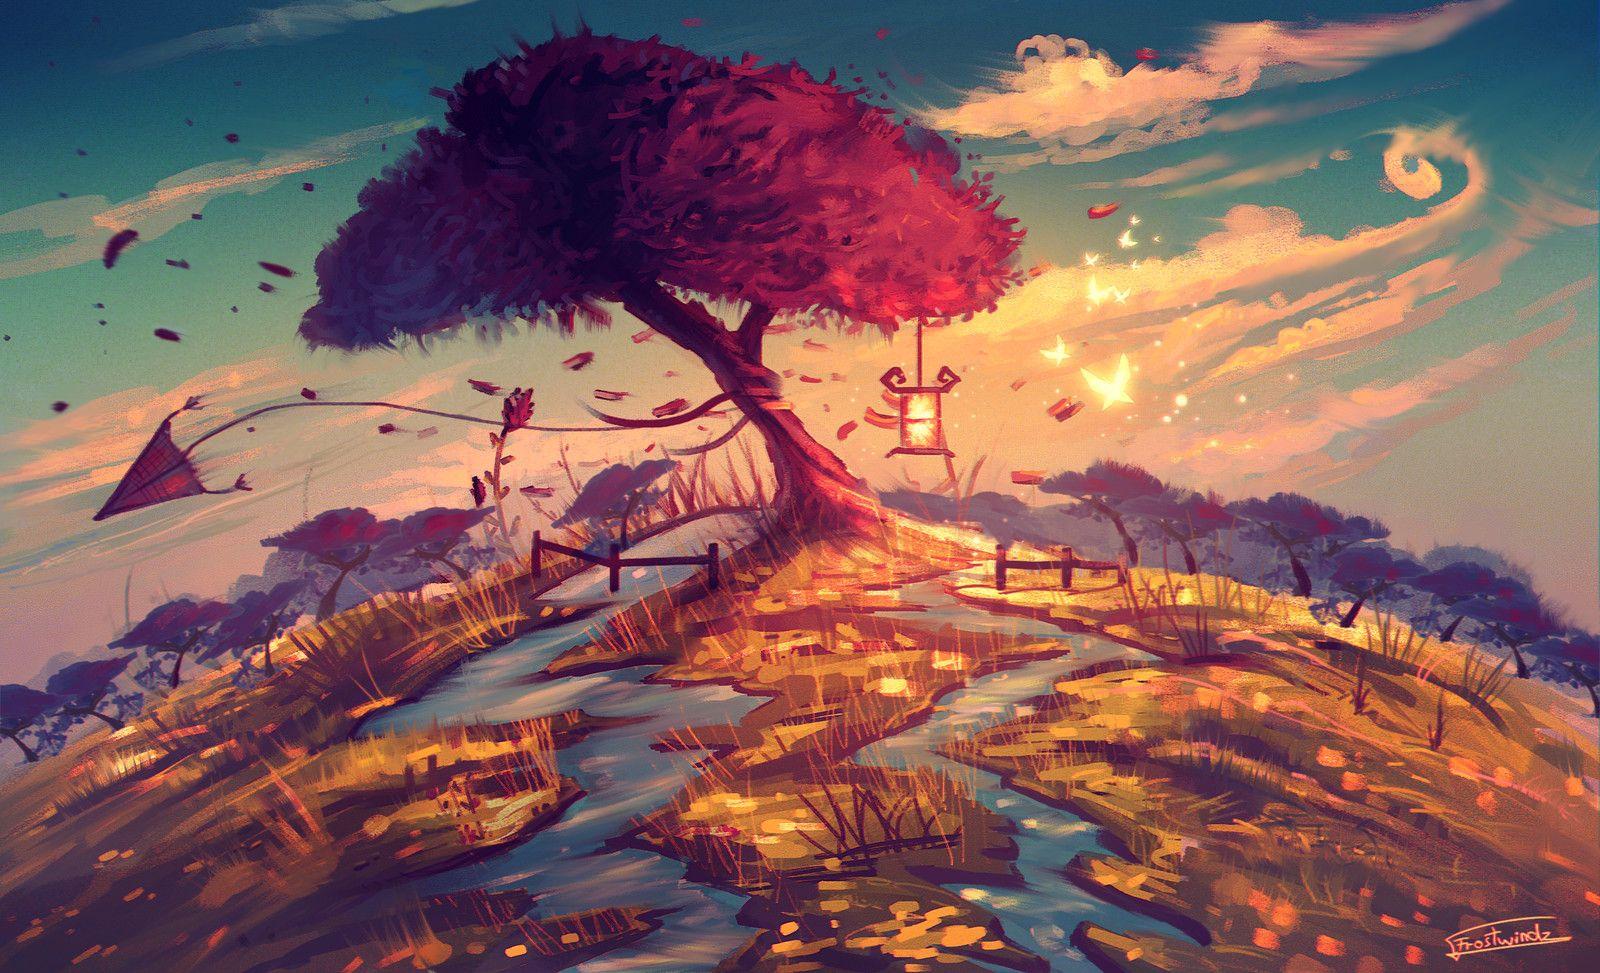 Sakura Tree, Radu Cosmin Alexandru on ArtStation at https